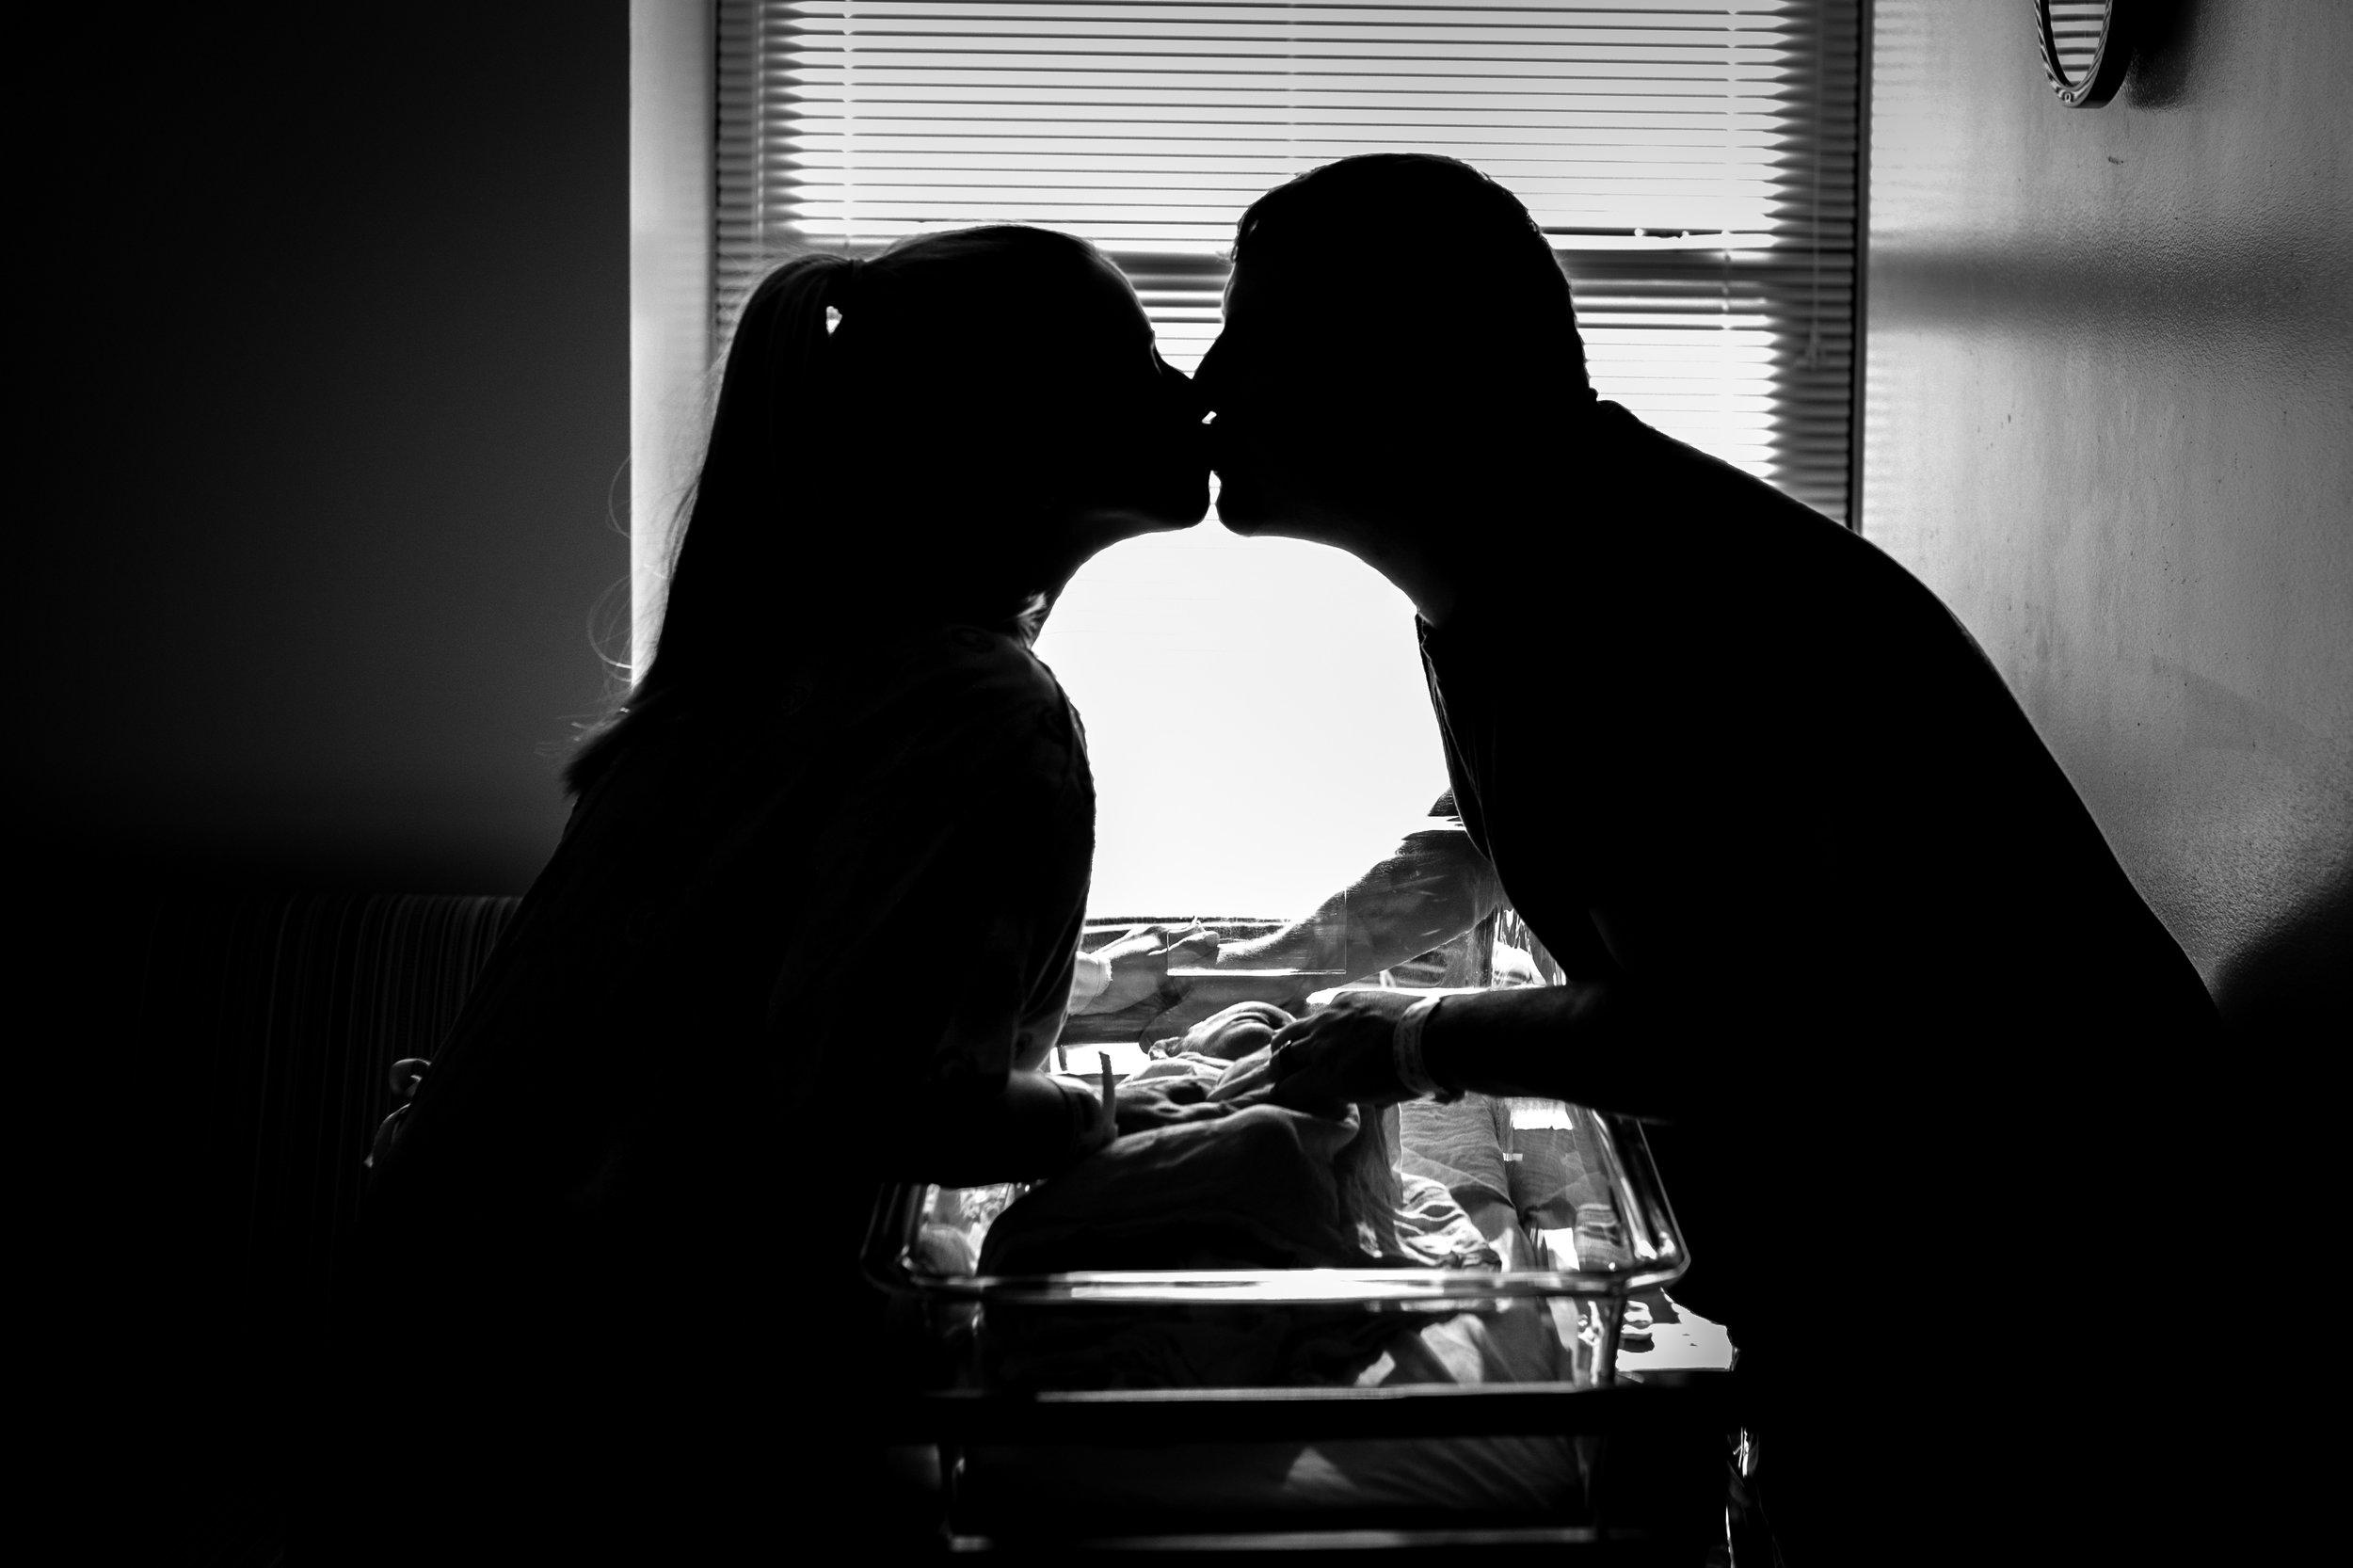 stolen kiss over newborn